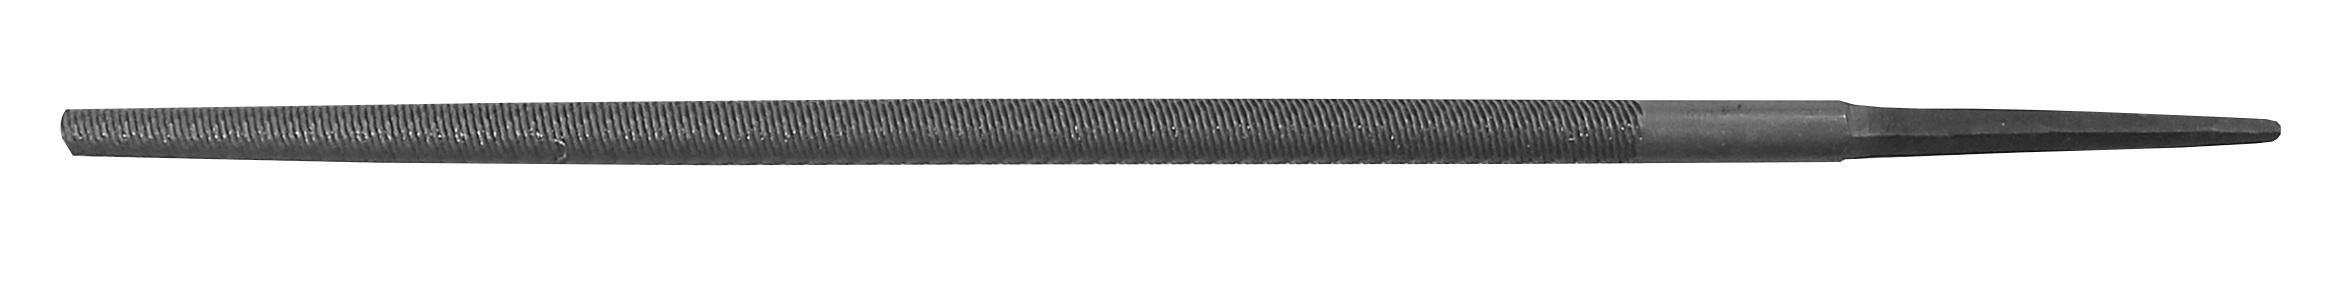 Напильник Berger Bg1159 напильник berger плоский с рукояткой 200 мм bg1150